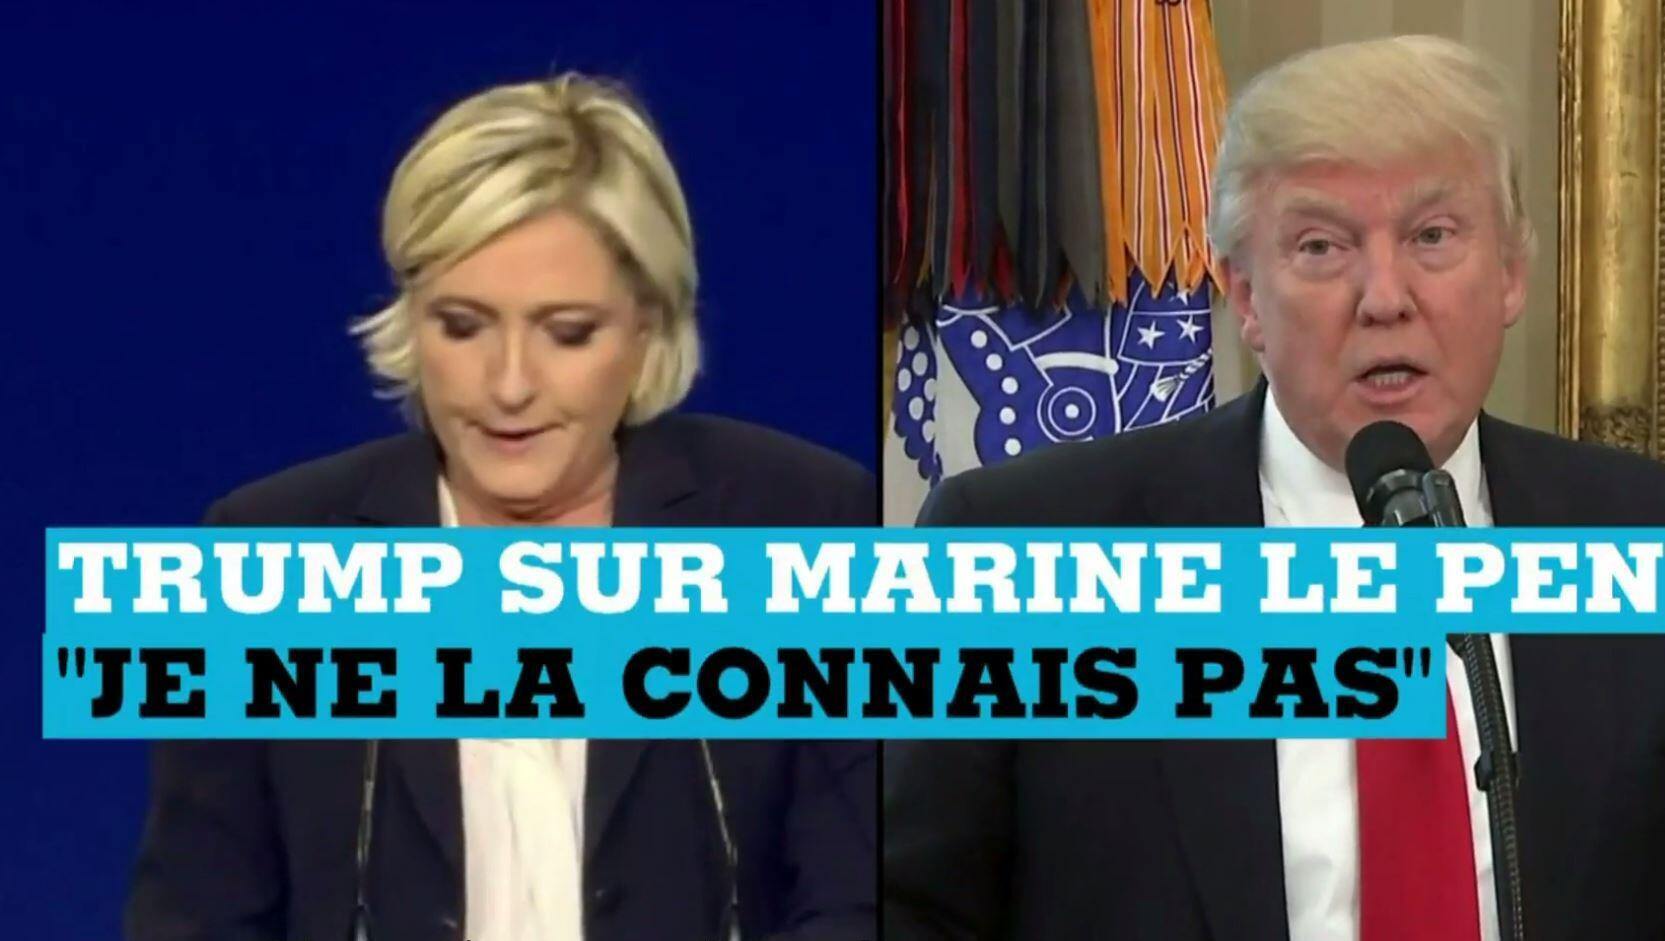 Nhiều người so sánh lãnh đạo Mặt Trận Quốc Gia Pháp Le Pen với tổng thống Mỹ Donald Trump.